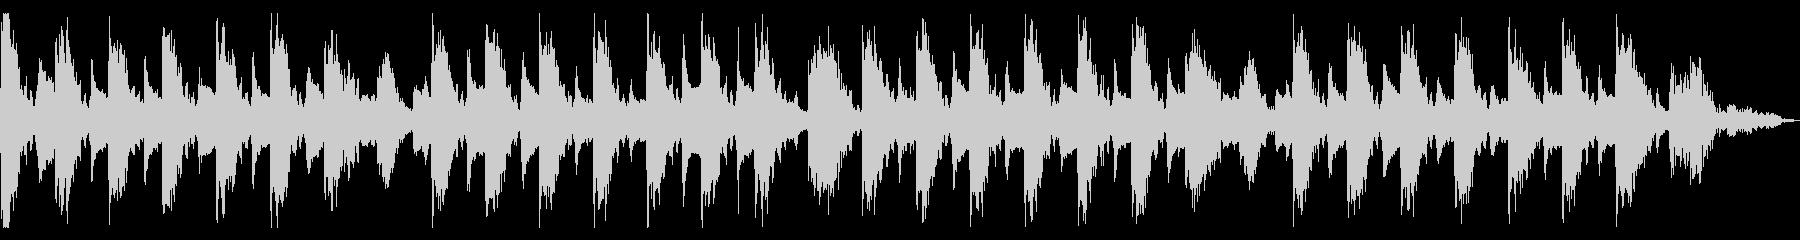 ピタゴラスイッチ風BGM《サウンドロゴ》の未再生の波形